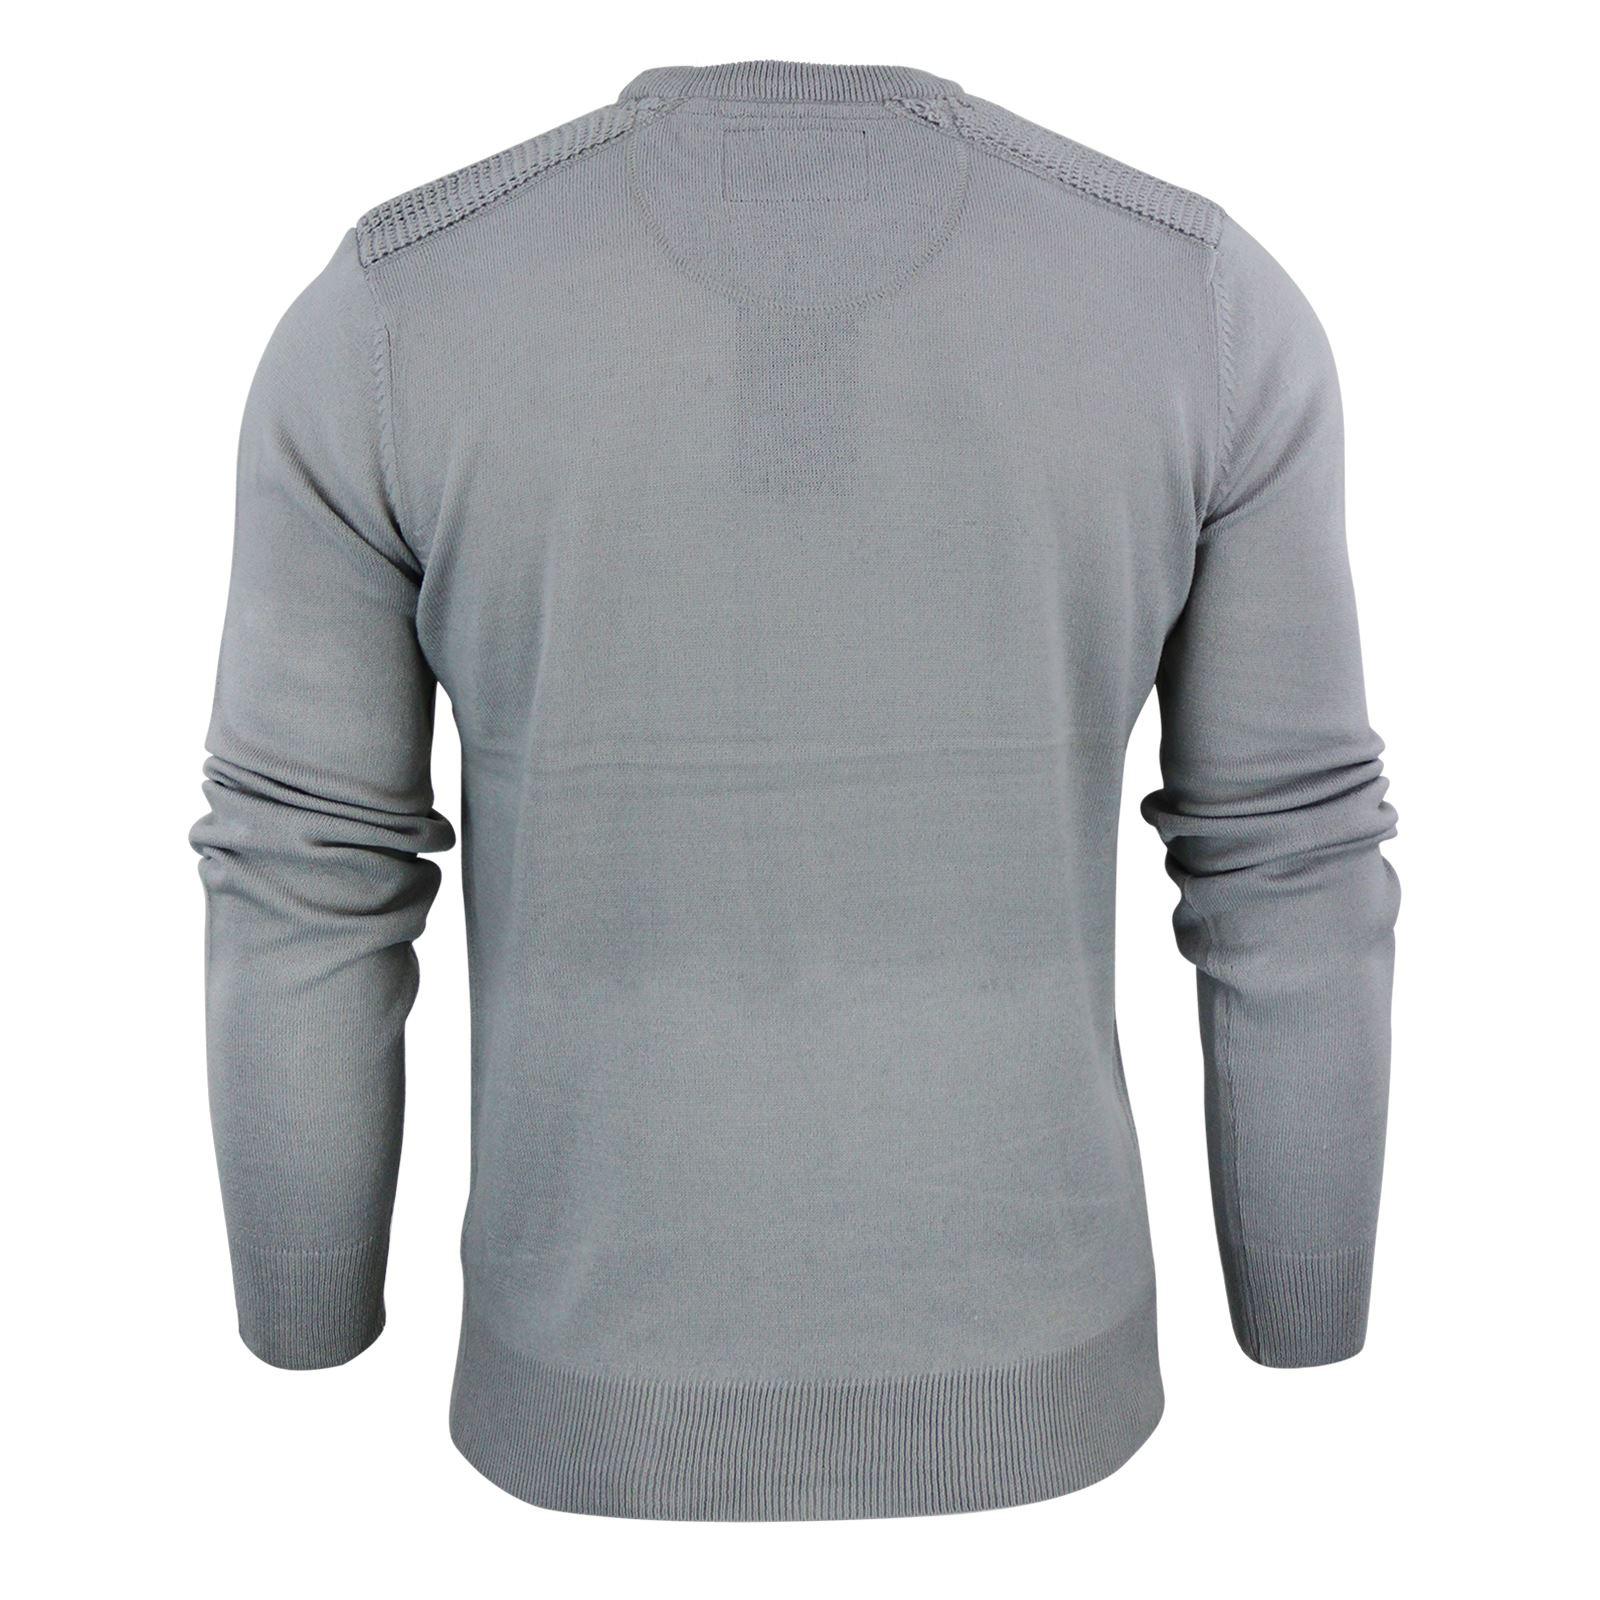 Brave-Soul-Luna-Mens-Jumper-Crew-Neck-Sweater-With-Shoulder-Detailing miniature 6